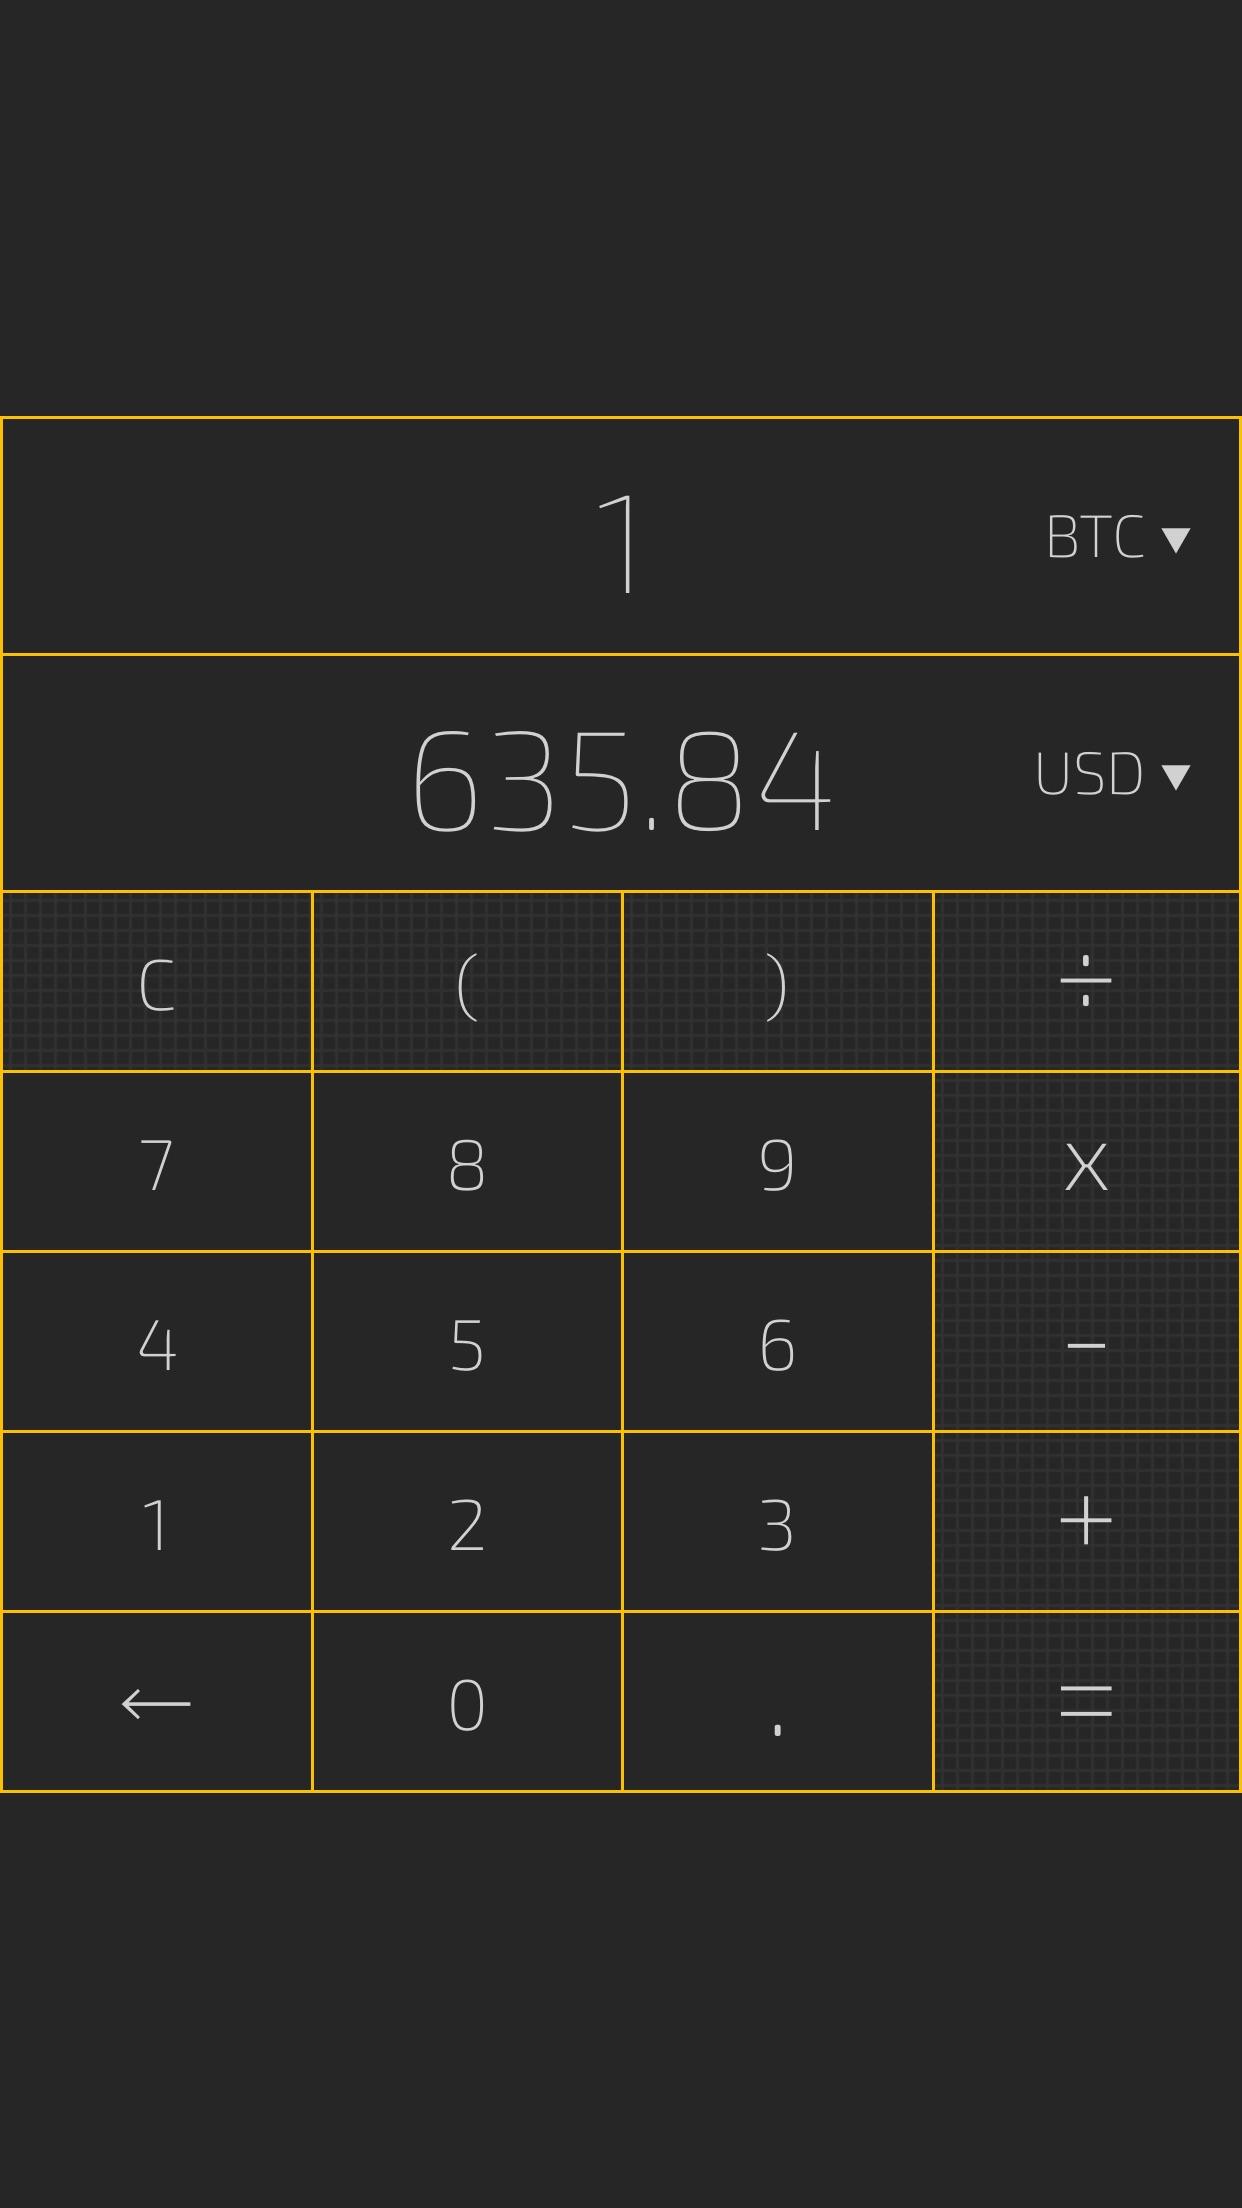 bitkoin.io Screenshot